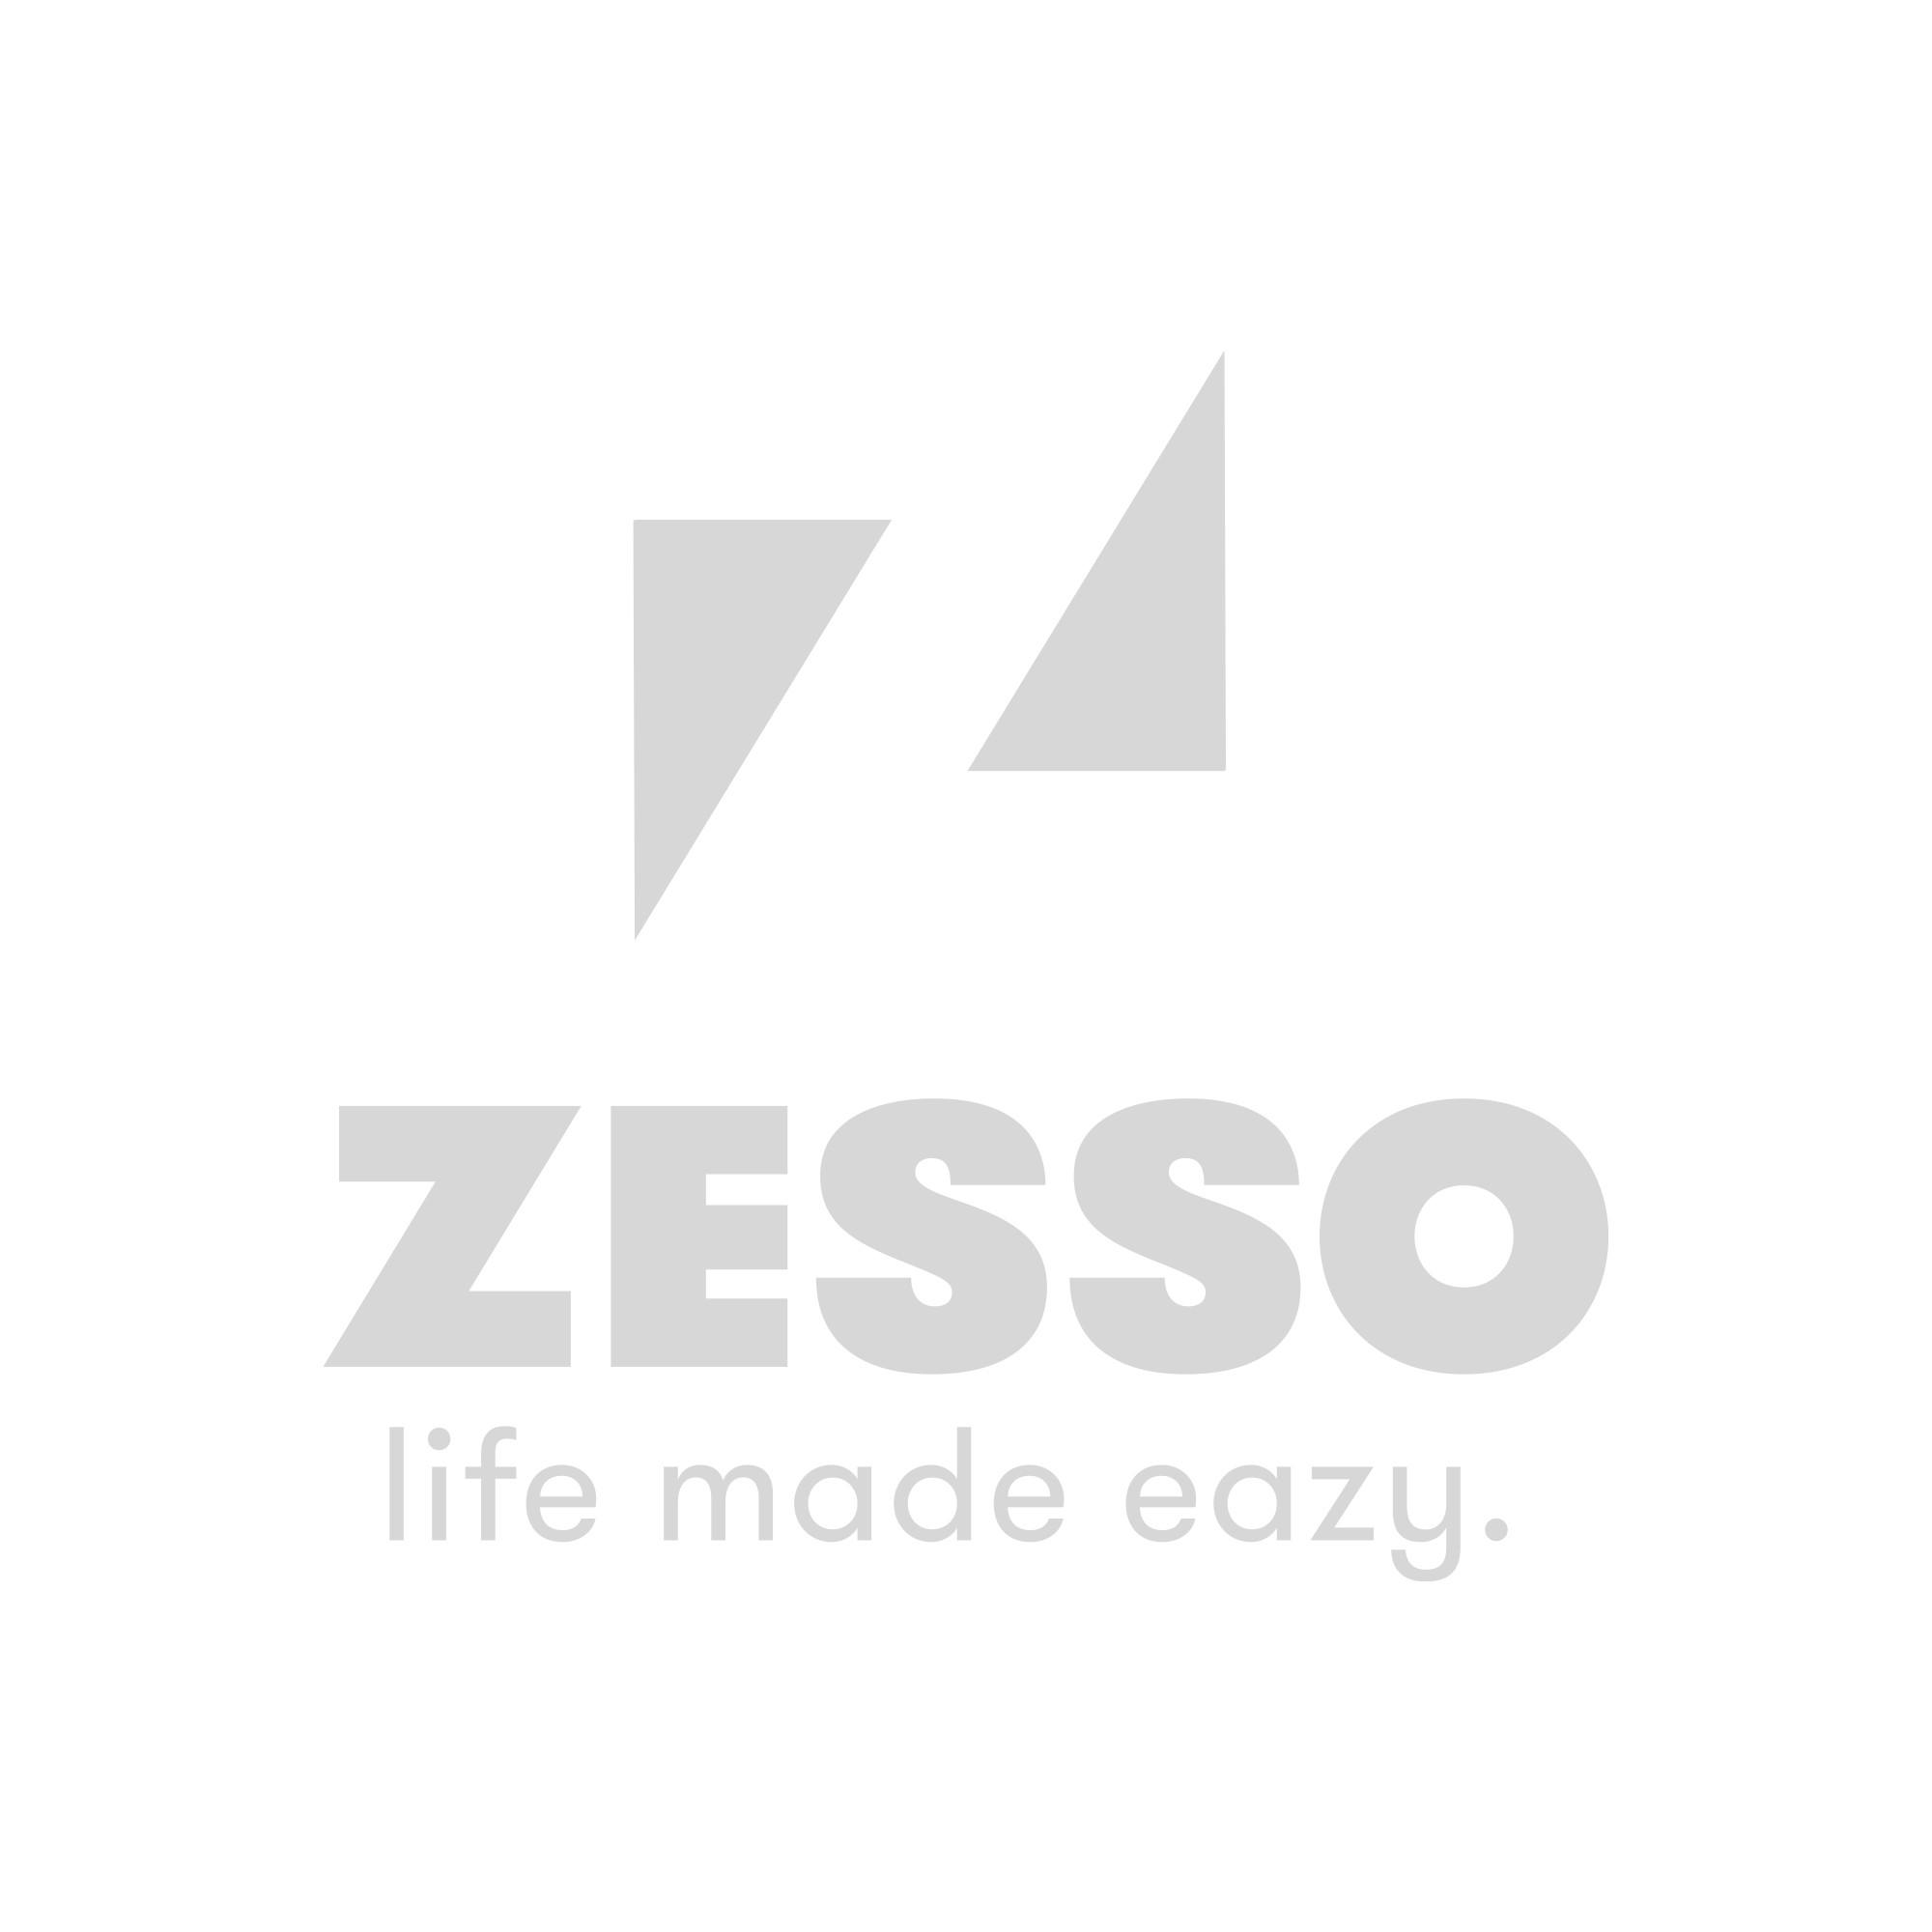 Babyliss Haardroger Expert 2200